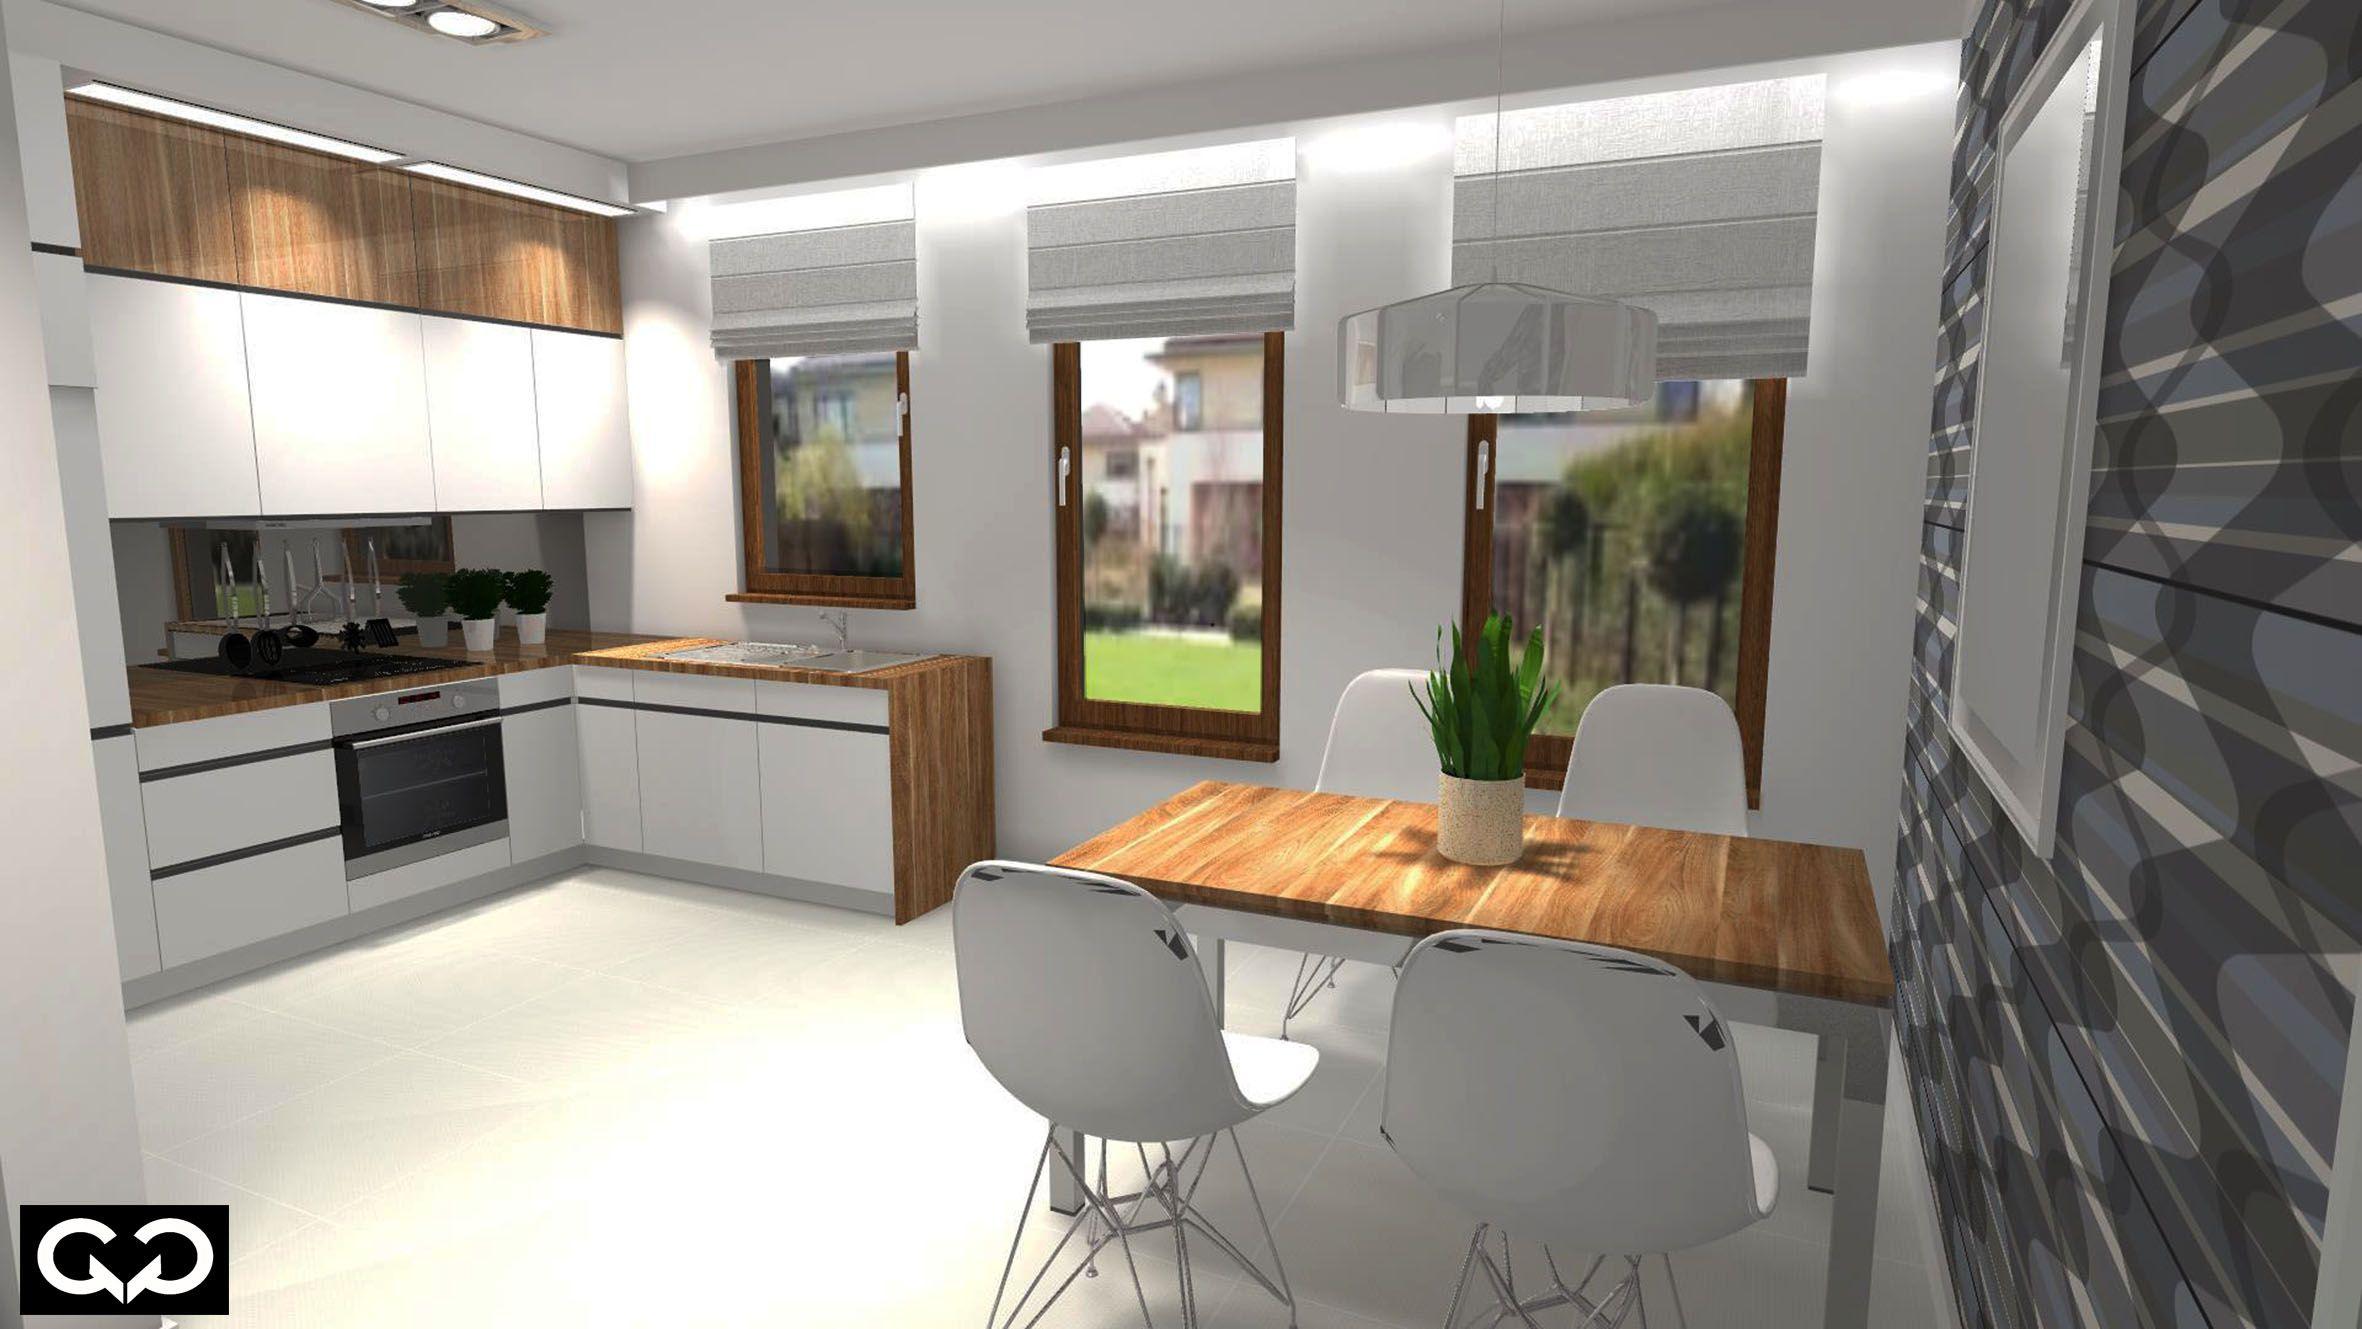 Nowoczesna Kuchnia Biel I Drewno Kitchen Home Decor Home